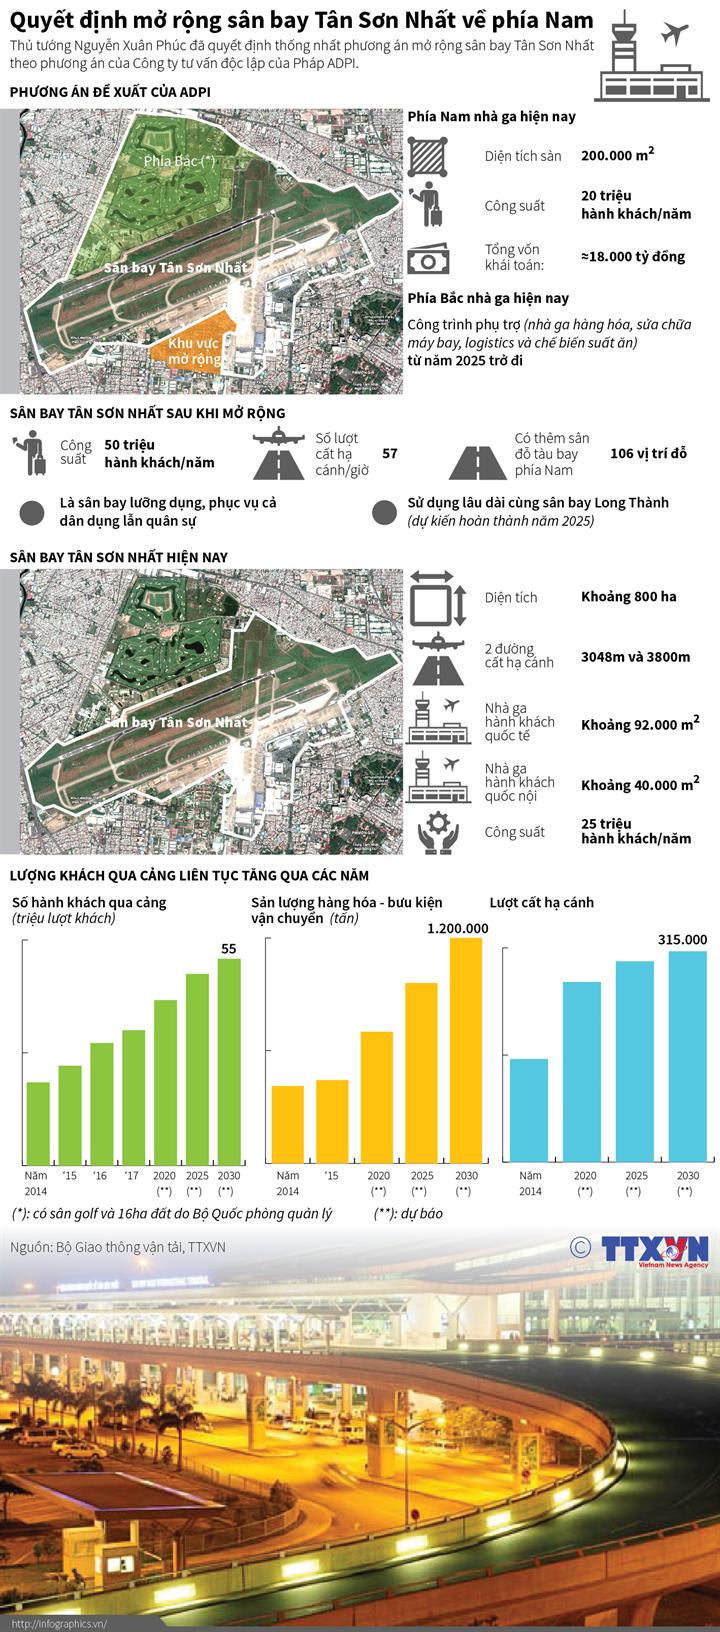 Quyết đinh mở rộng sân bay Tân Sơn Nhất về phía Nam